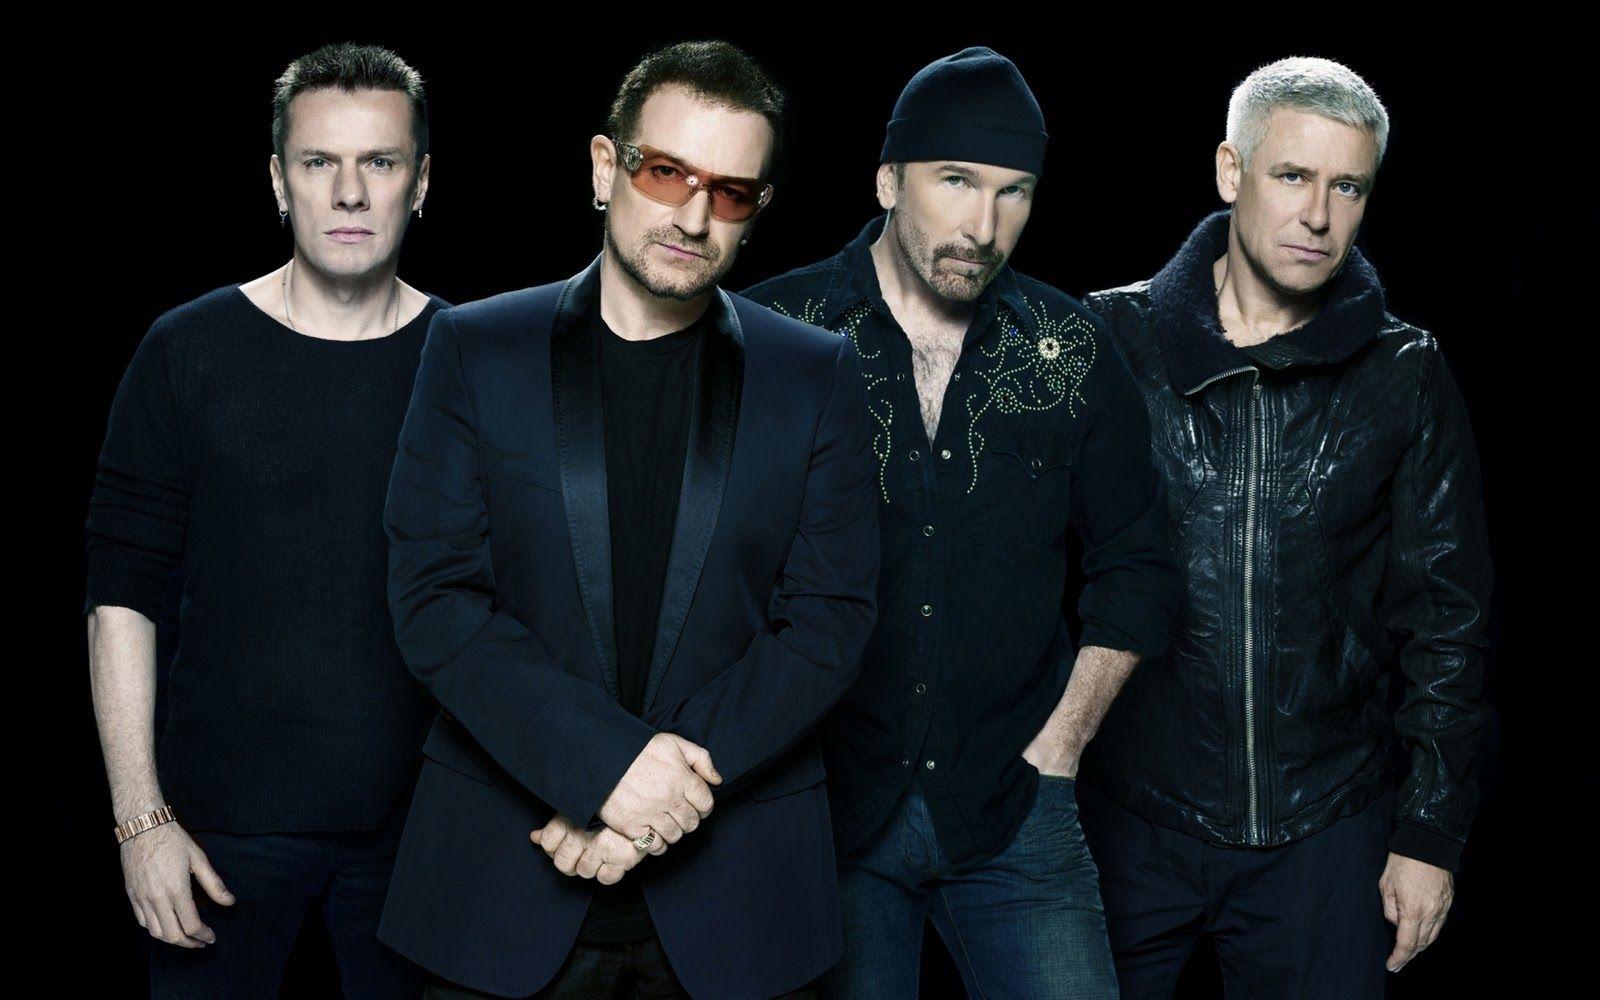 U2 a Che Tempo Che Fa